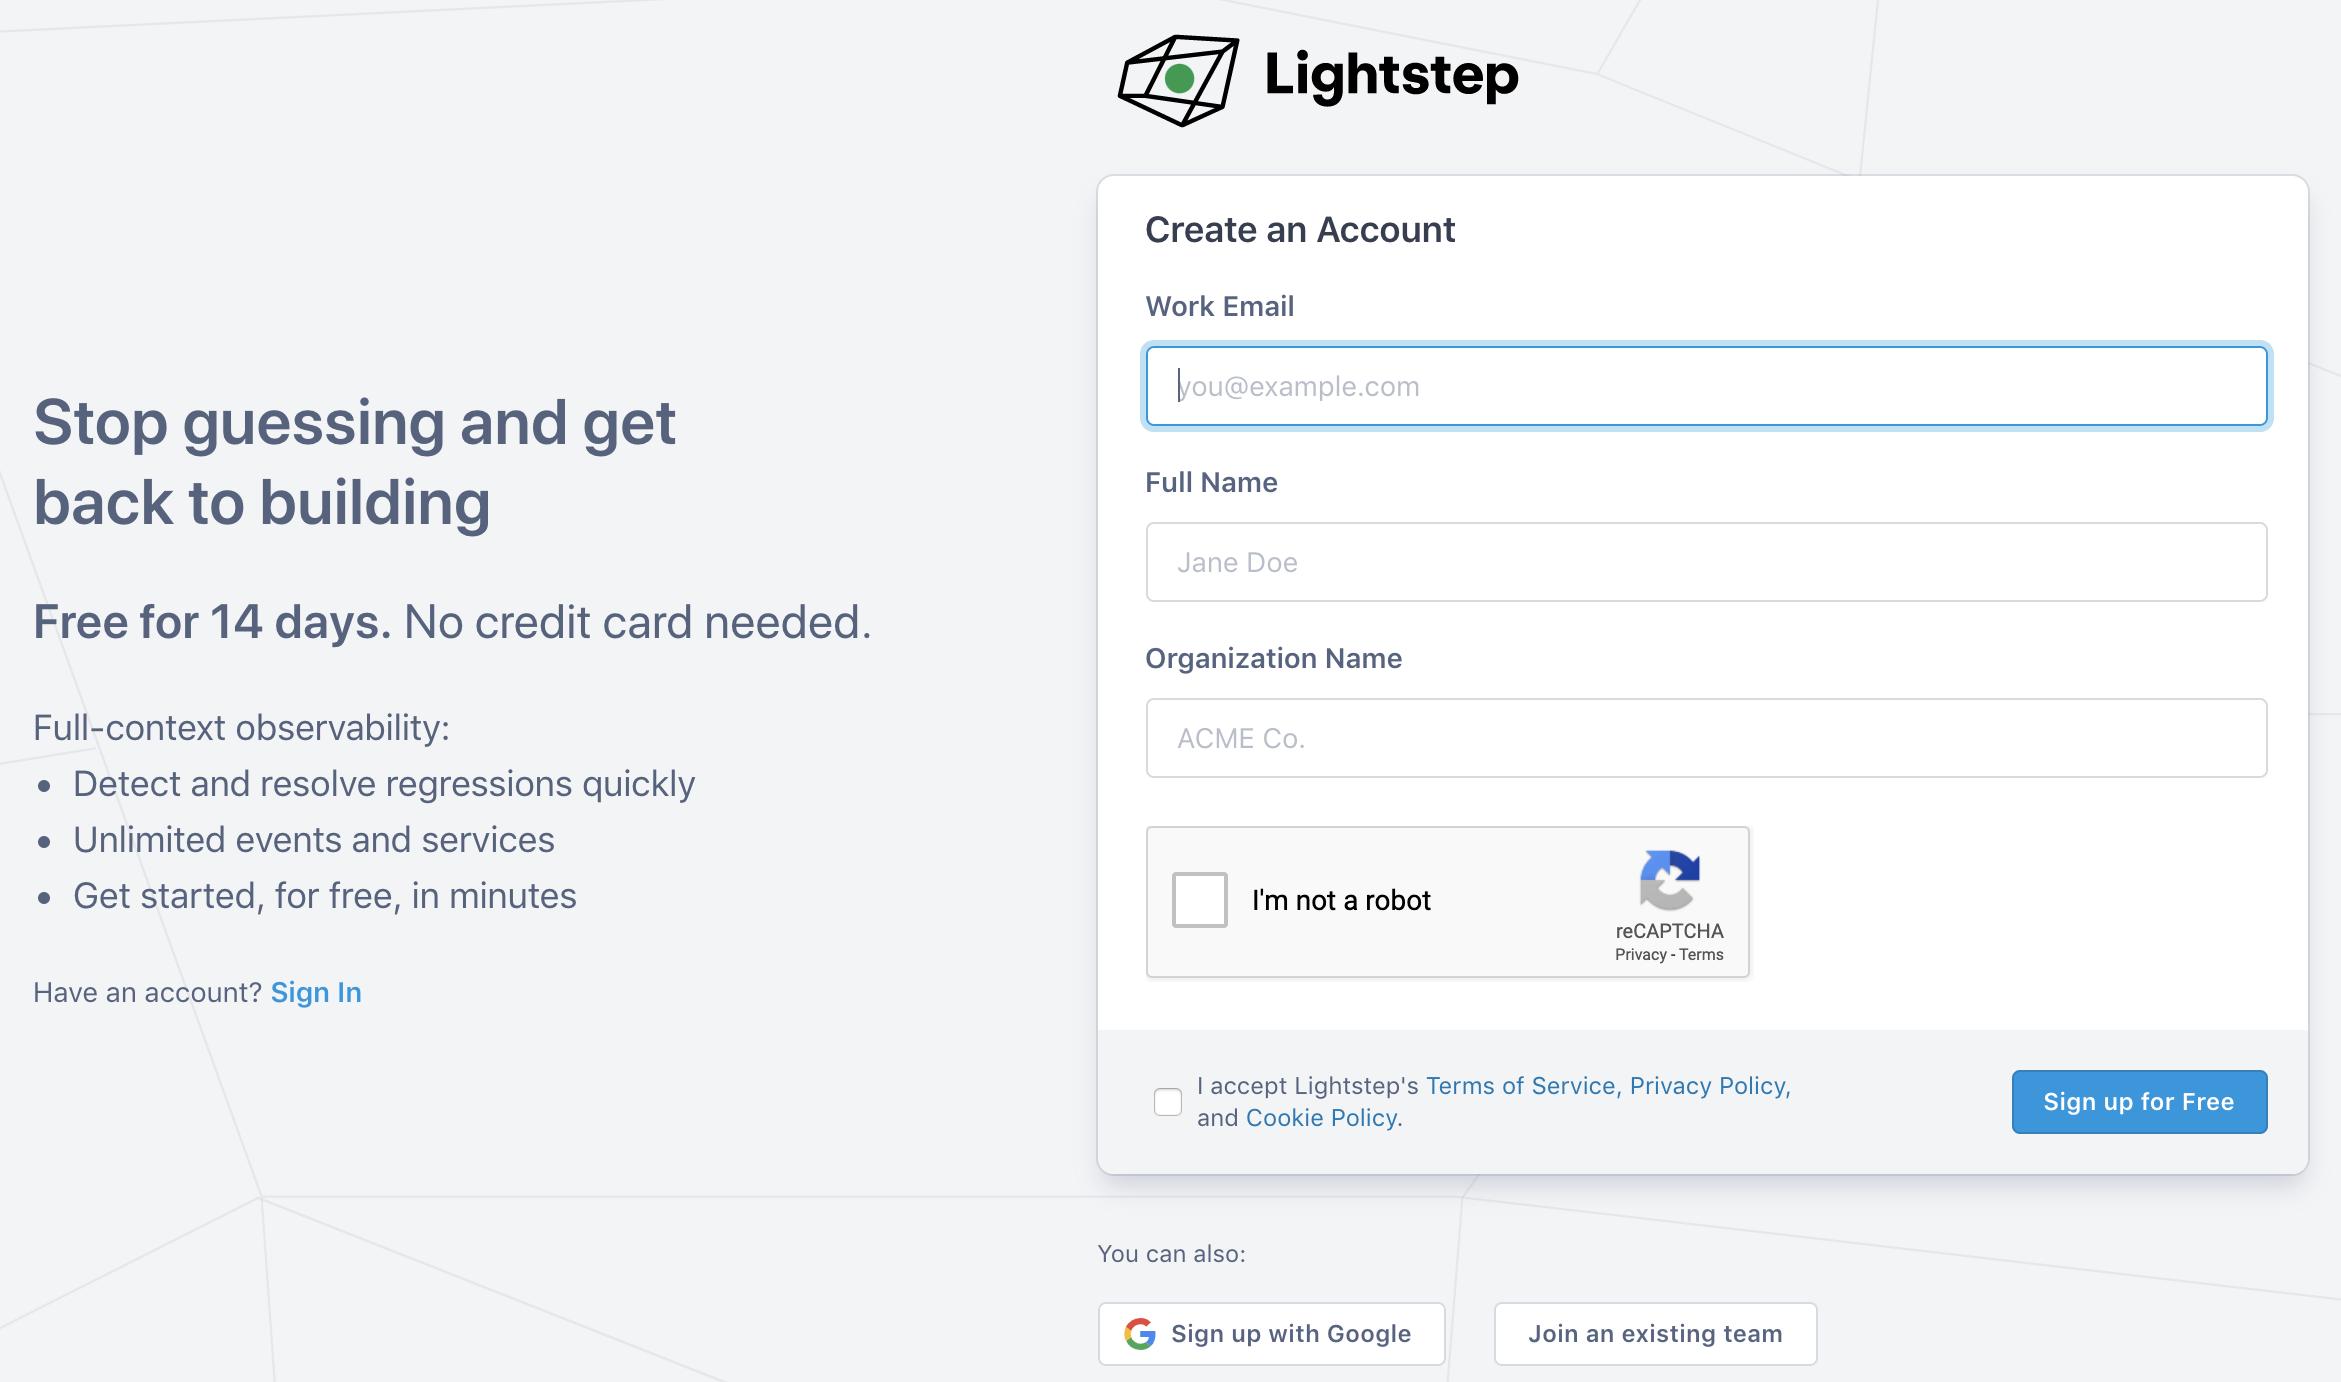 Lightstep sign up form